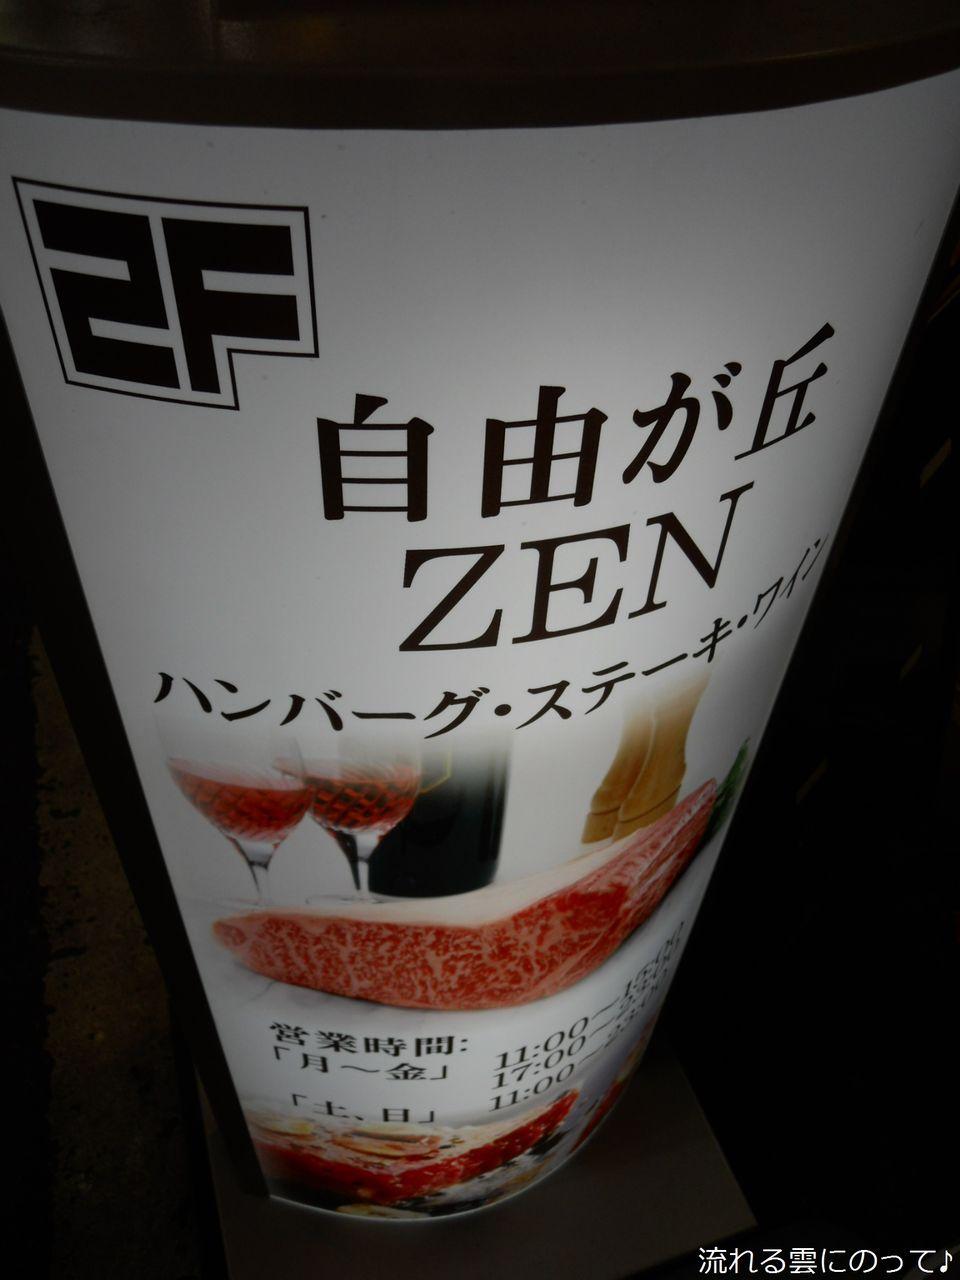 ���R���u ZEN